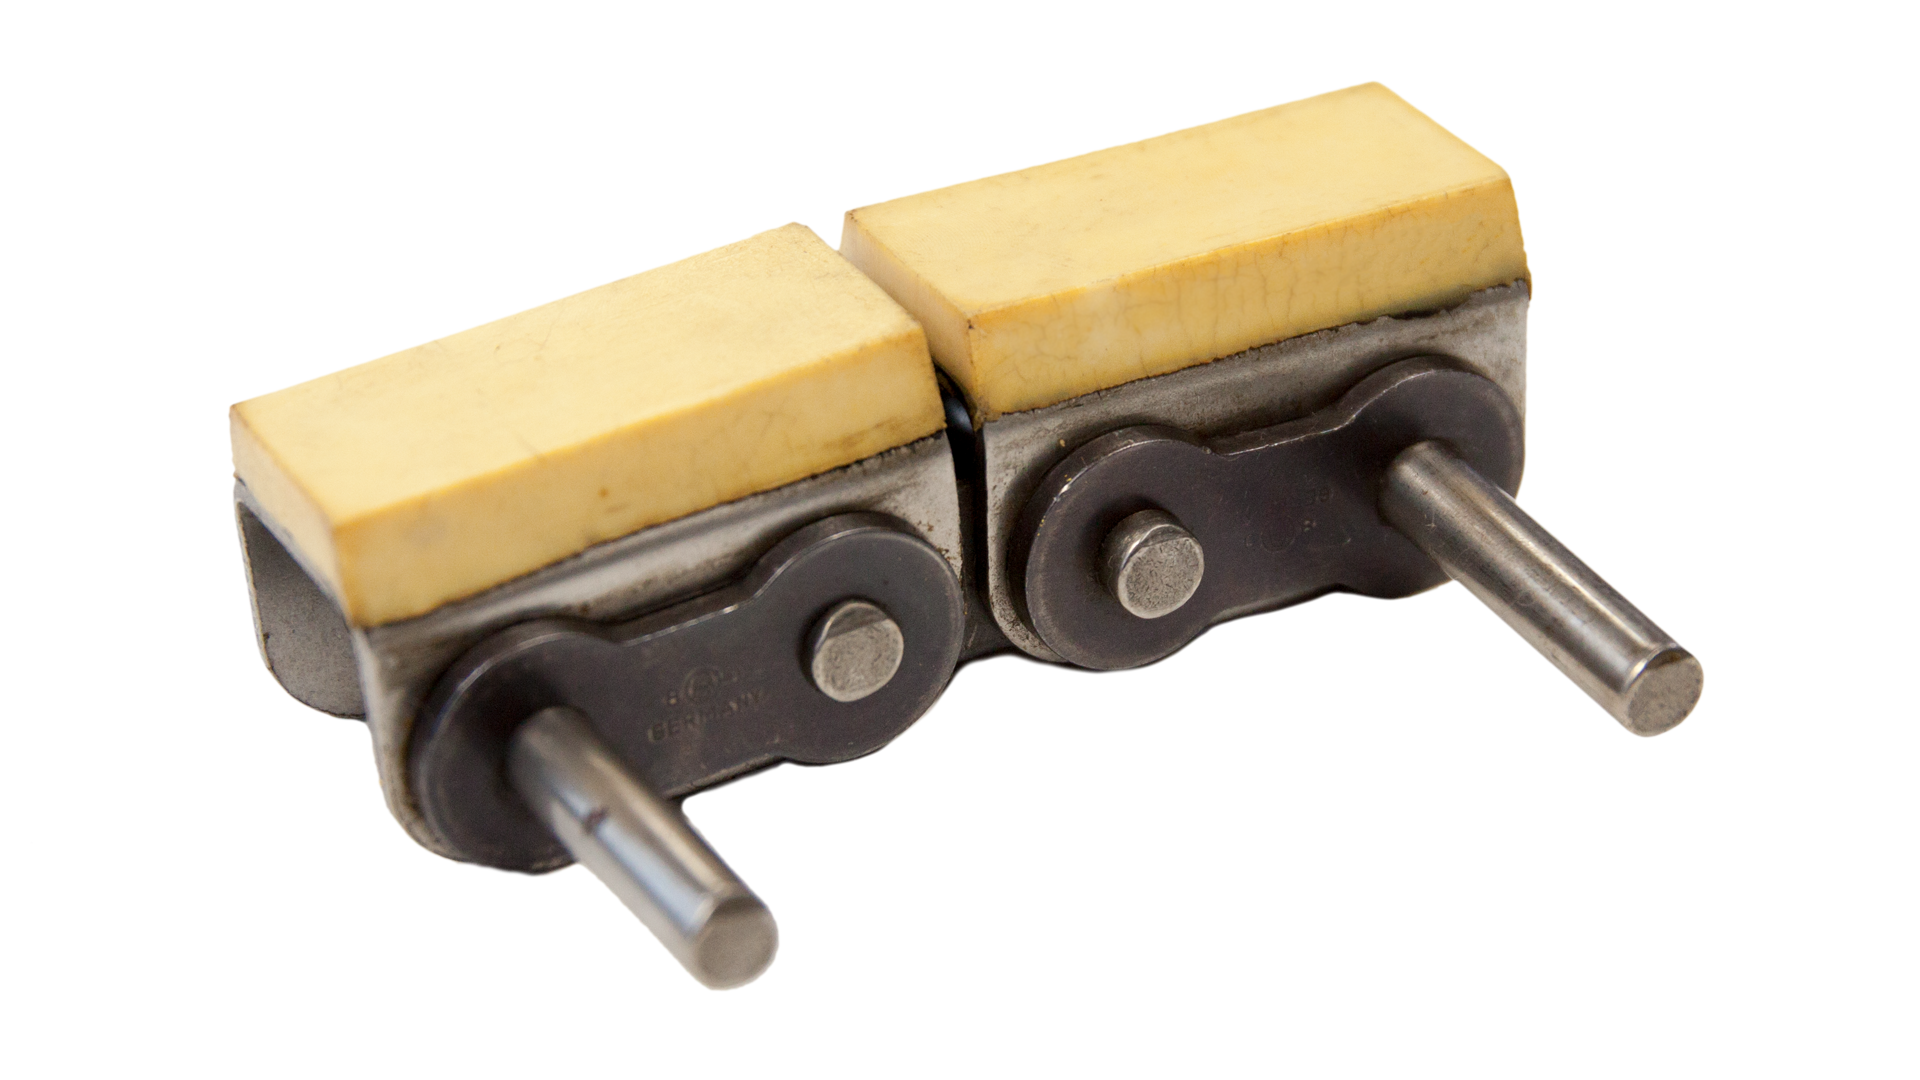 Einfach-Rollenkette (Simplex), mit U-Bügel und aufvulkanisiertem Gummiprofil (Elastomerprofil)